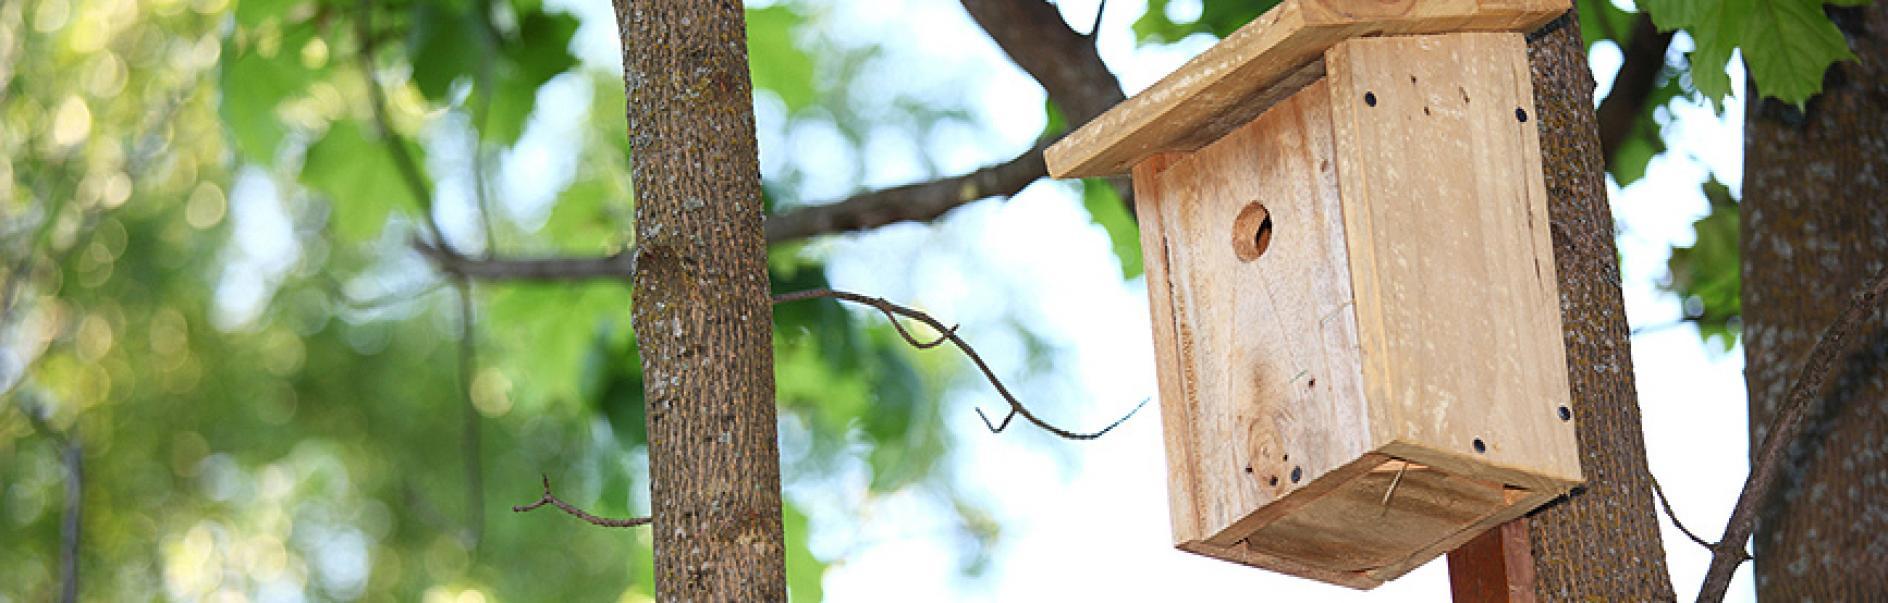 bauen sie ein eigenes vogelhaus aus holz